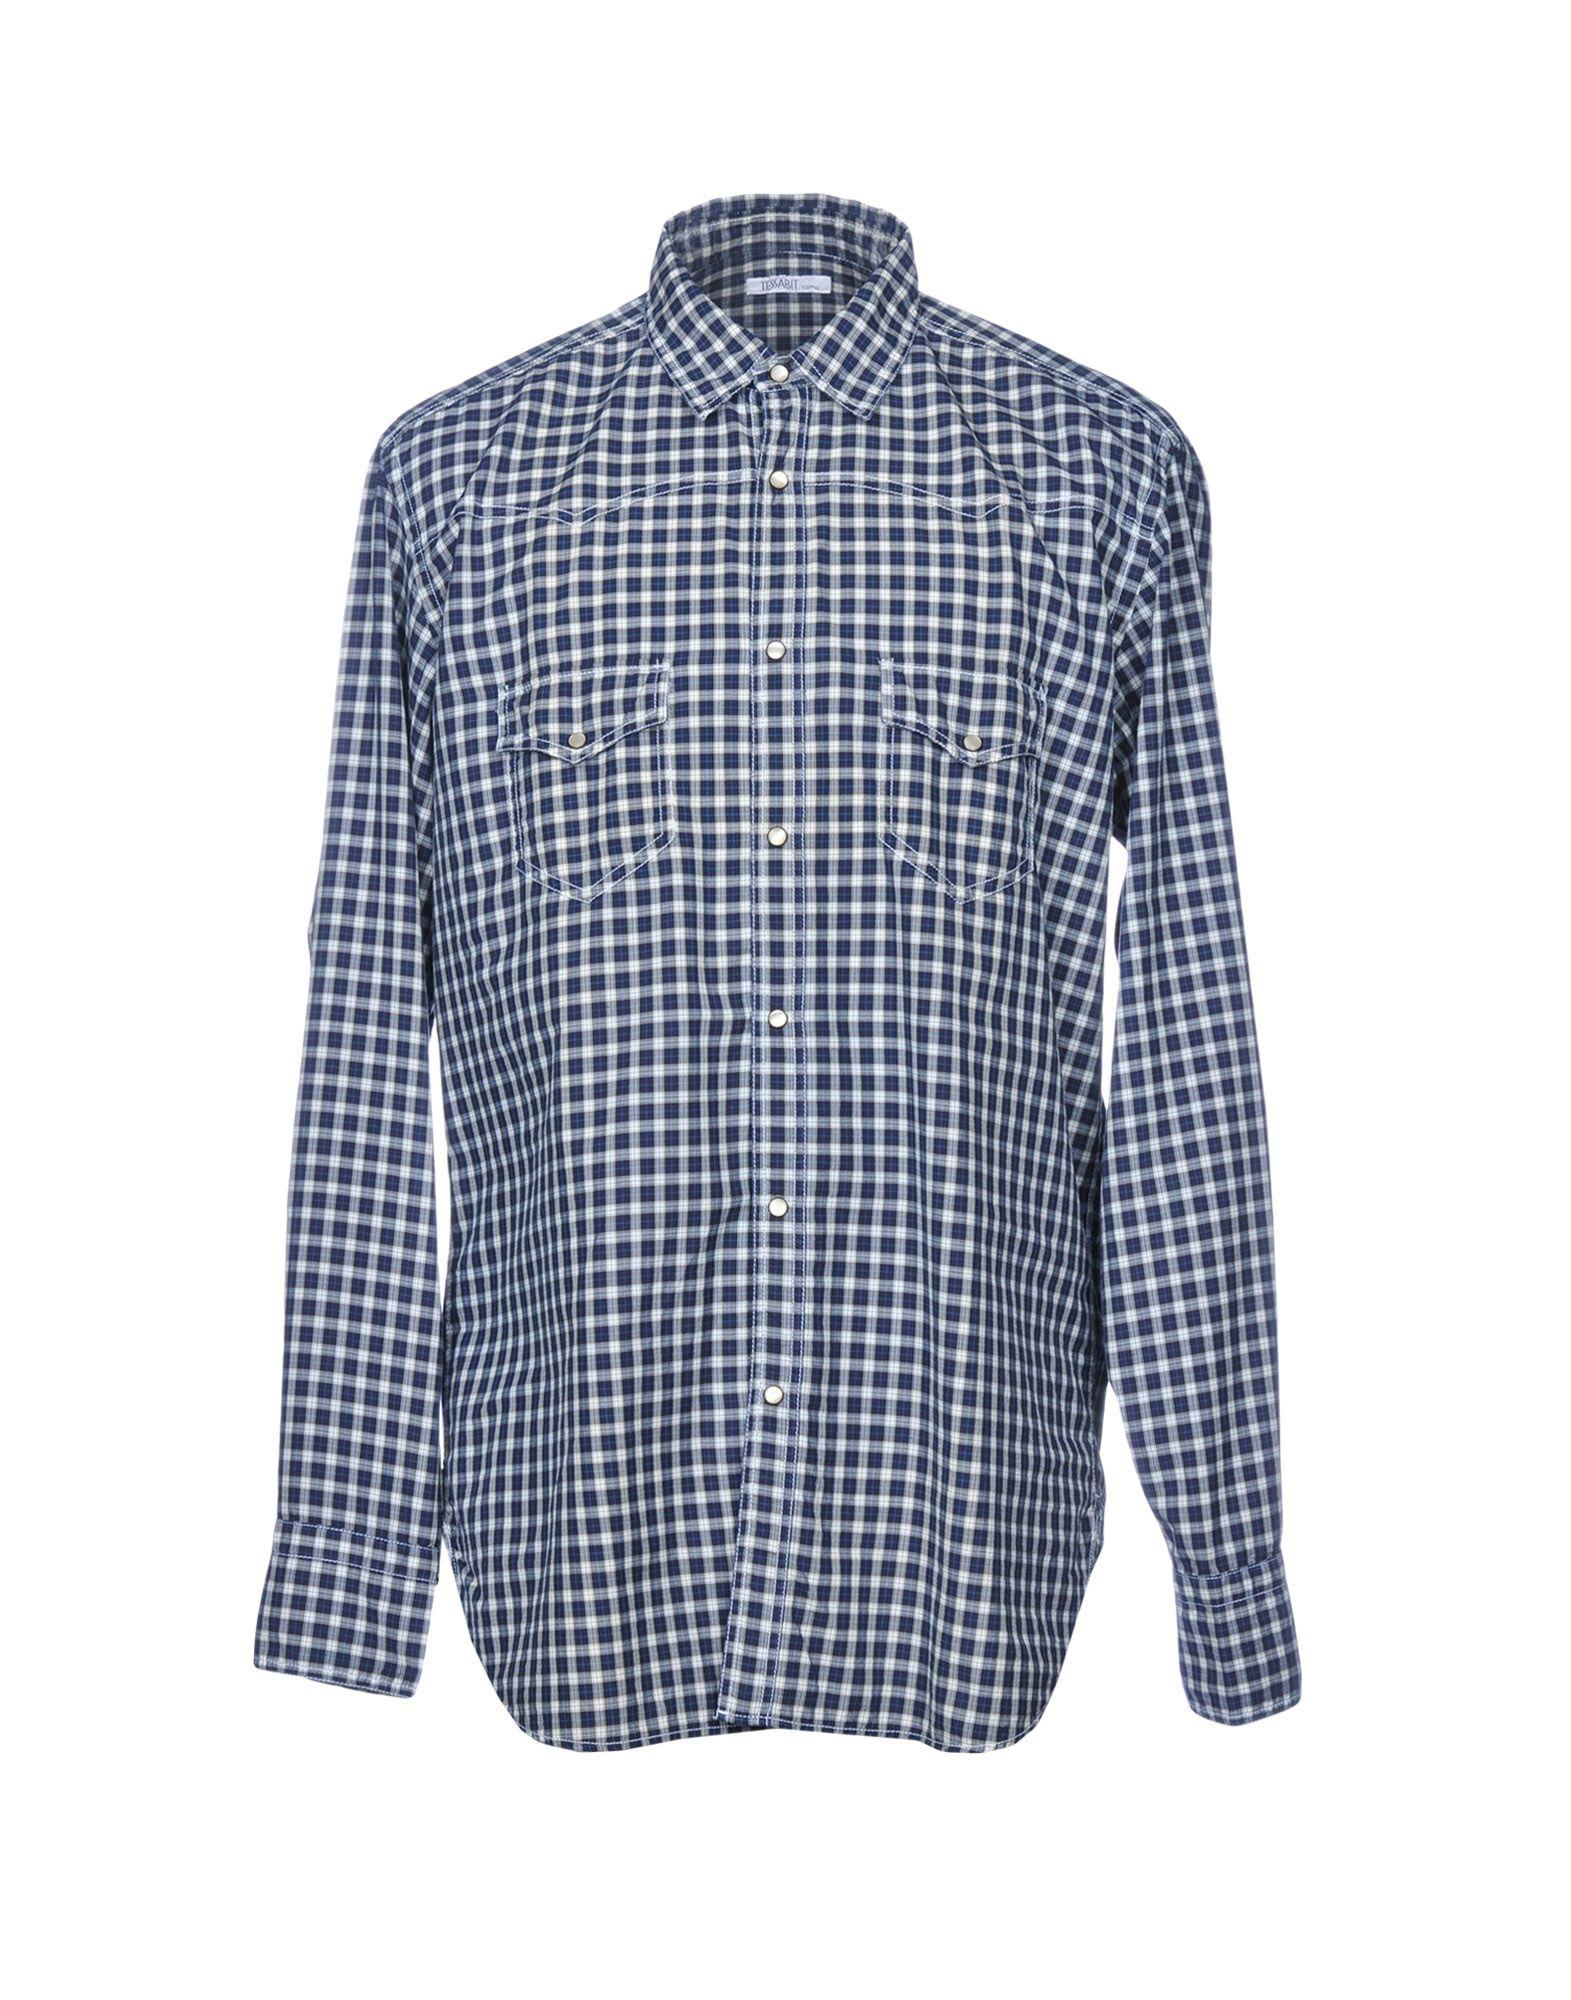 《送料無料》TESSABIT COMO メンズ シャツ ダークブルー 42 コットン 100%